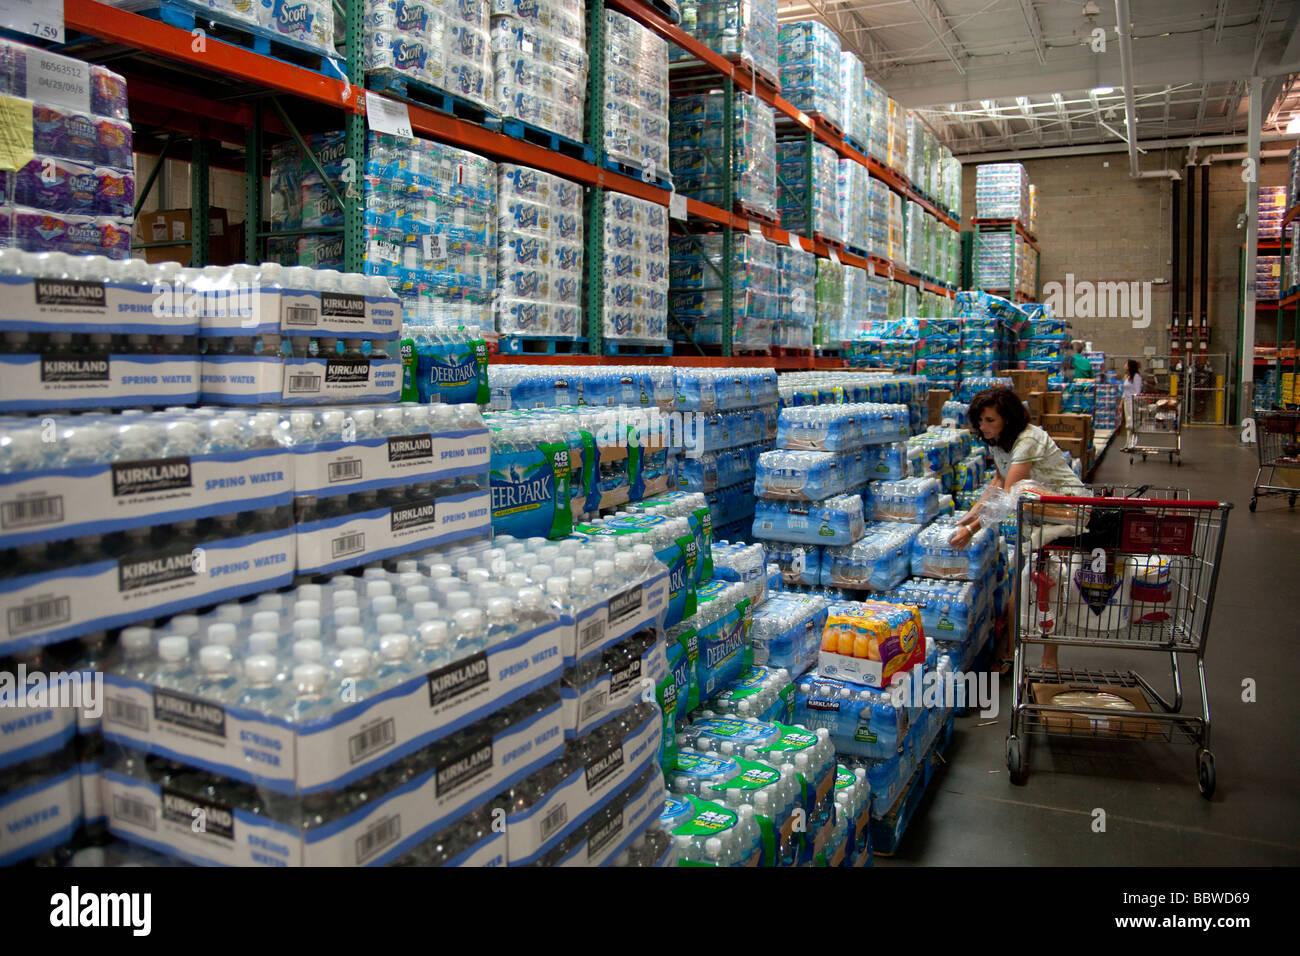 L'eau en bouteille et serviette cuisine piles, entrepôt Costco USA Photo Stock